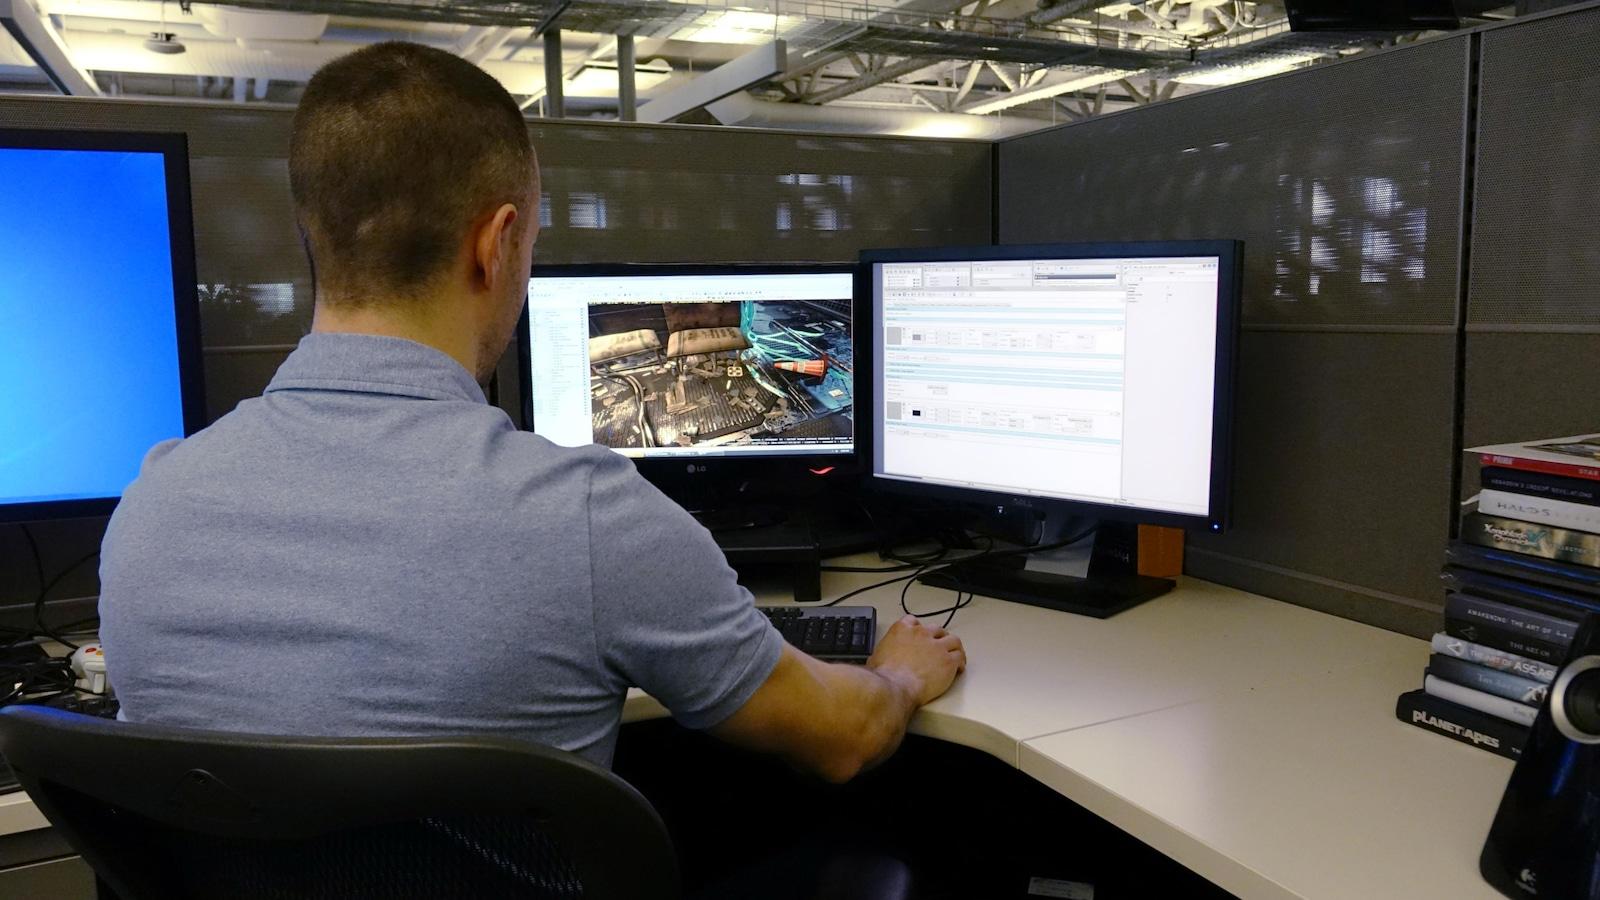 À l'aide du logiciel du moteur de jeu, Michel Lanoie navigue dans une scène d'un secteur du village Golem du jeu Deus Ex : Mankind Divided.